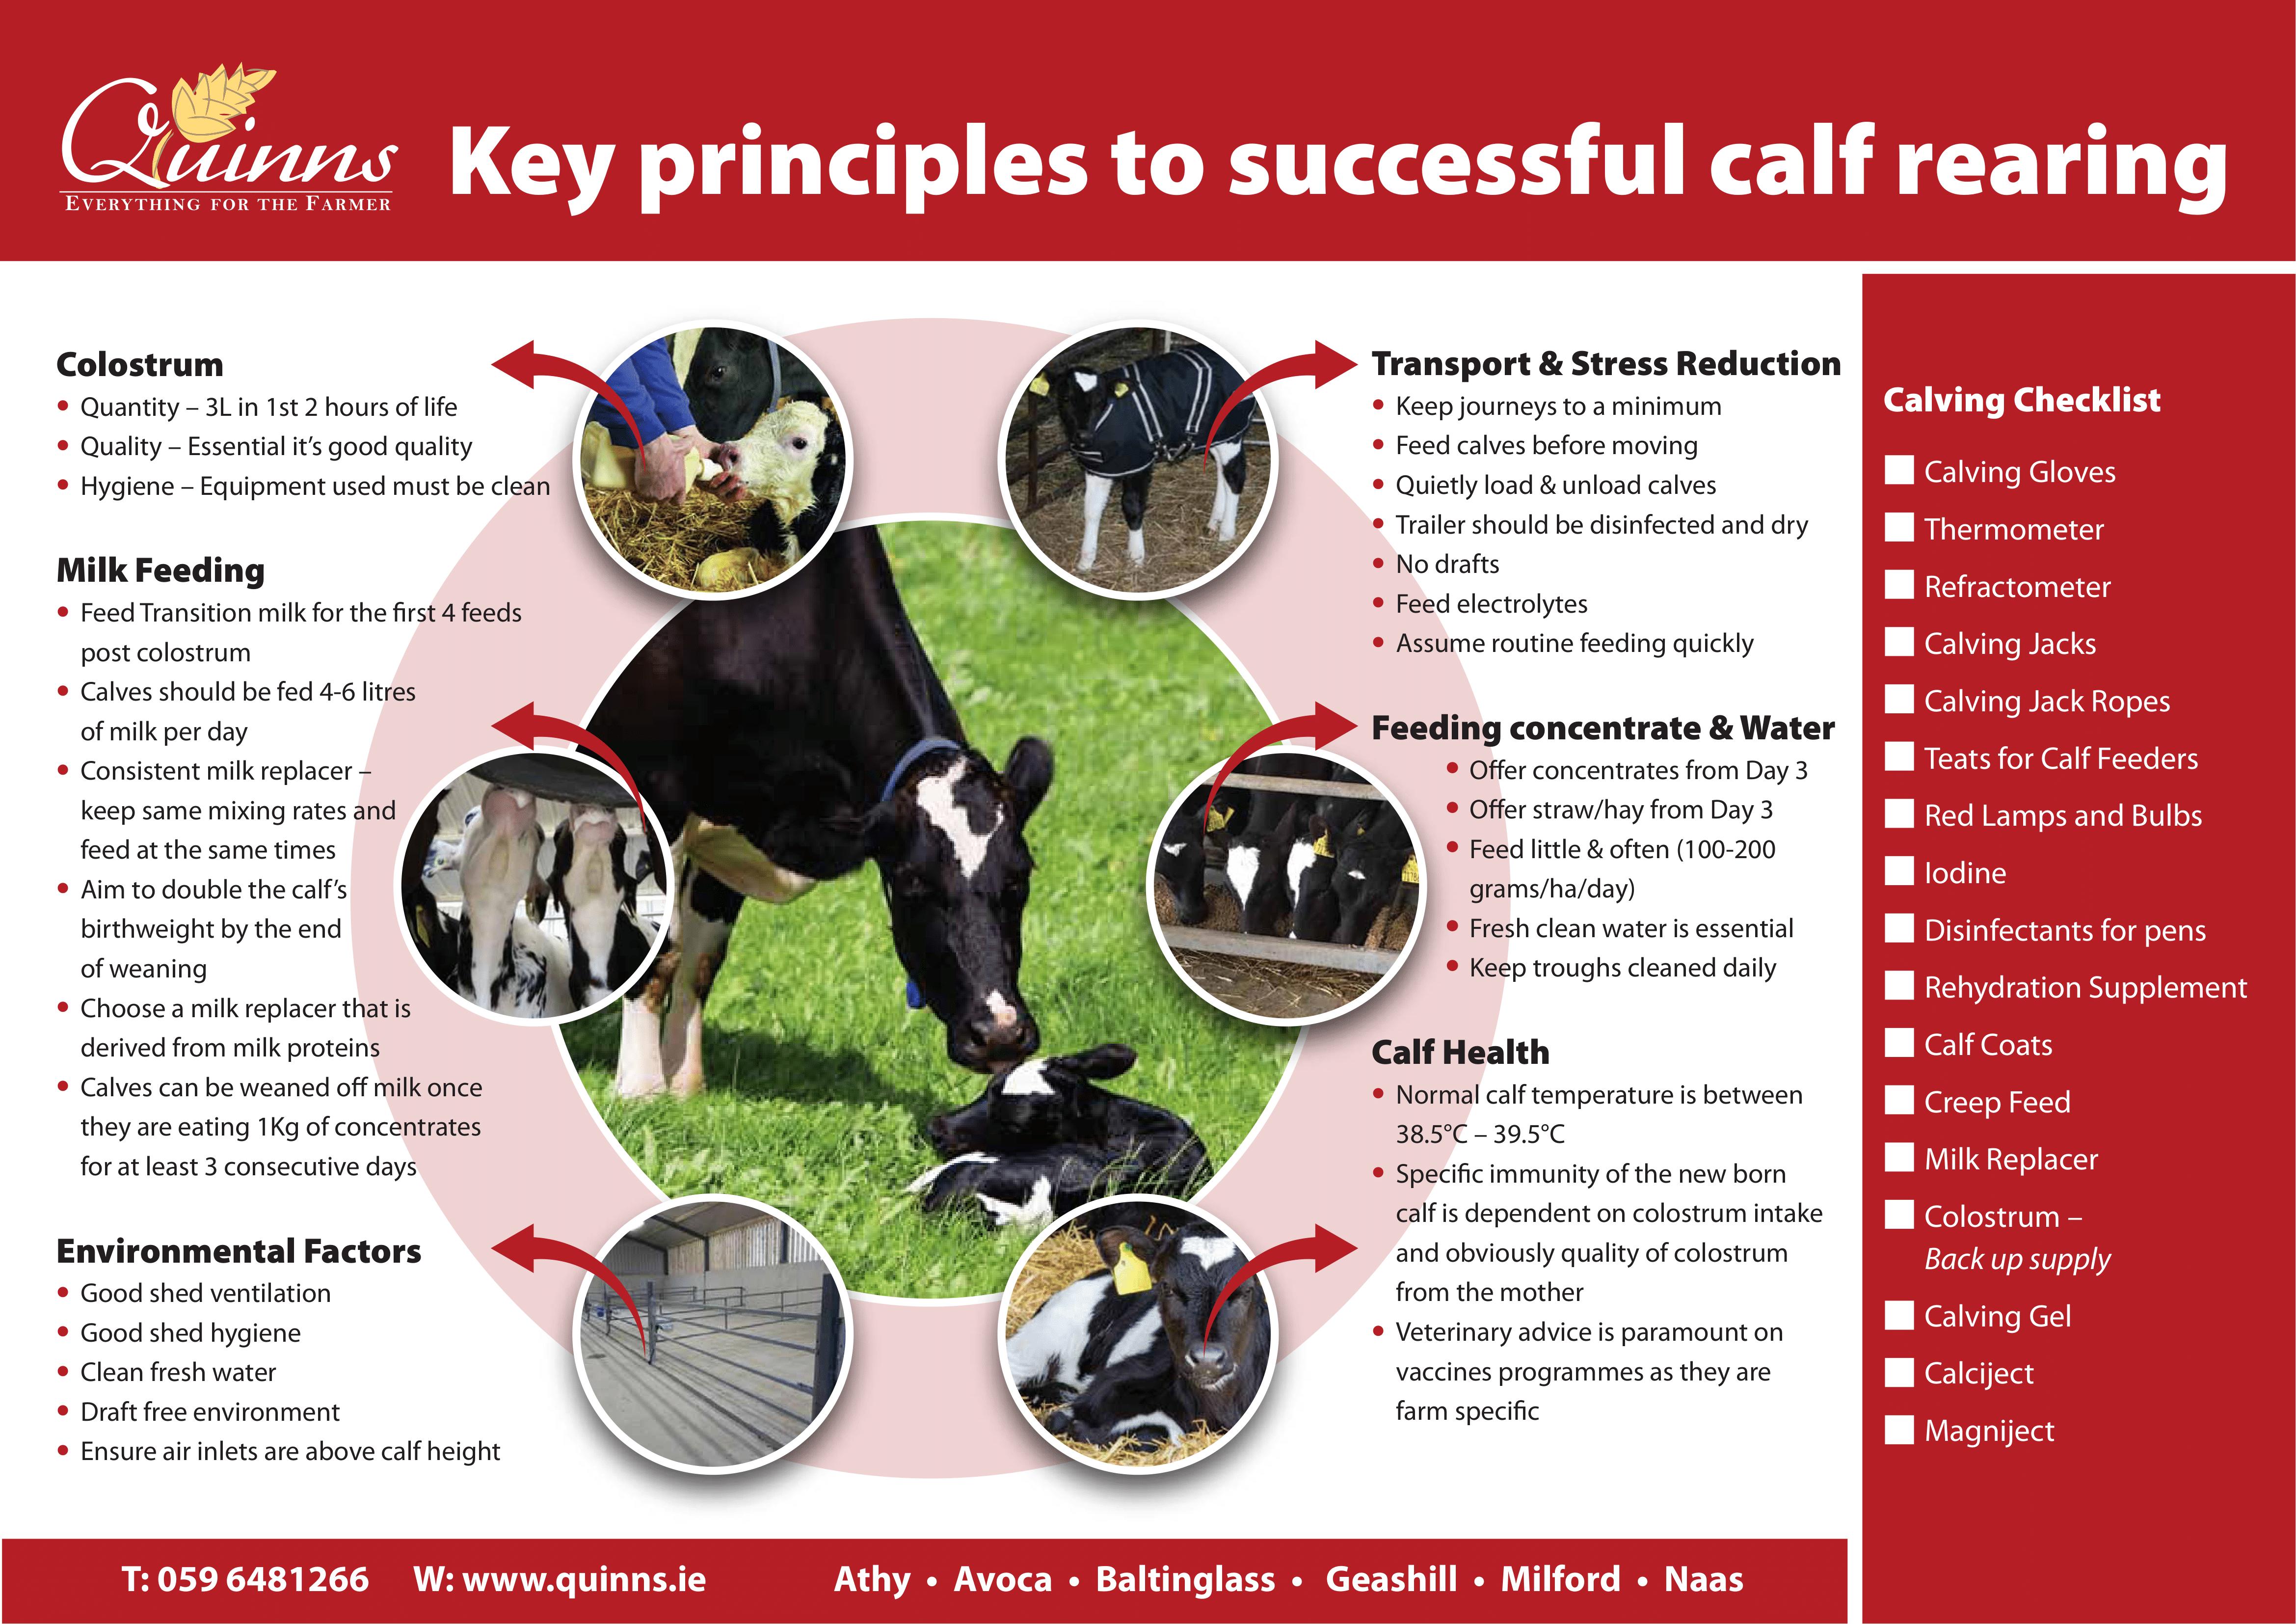 Calving Checklist